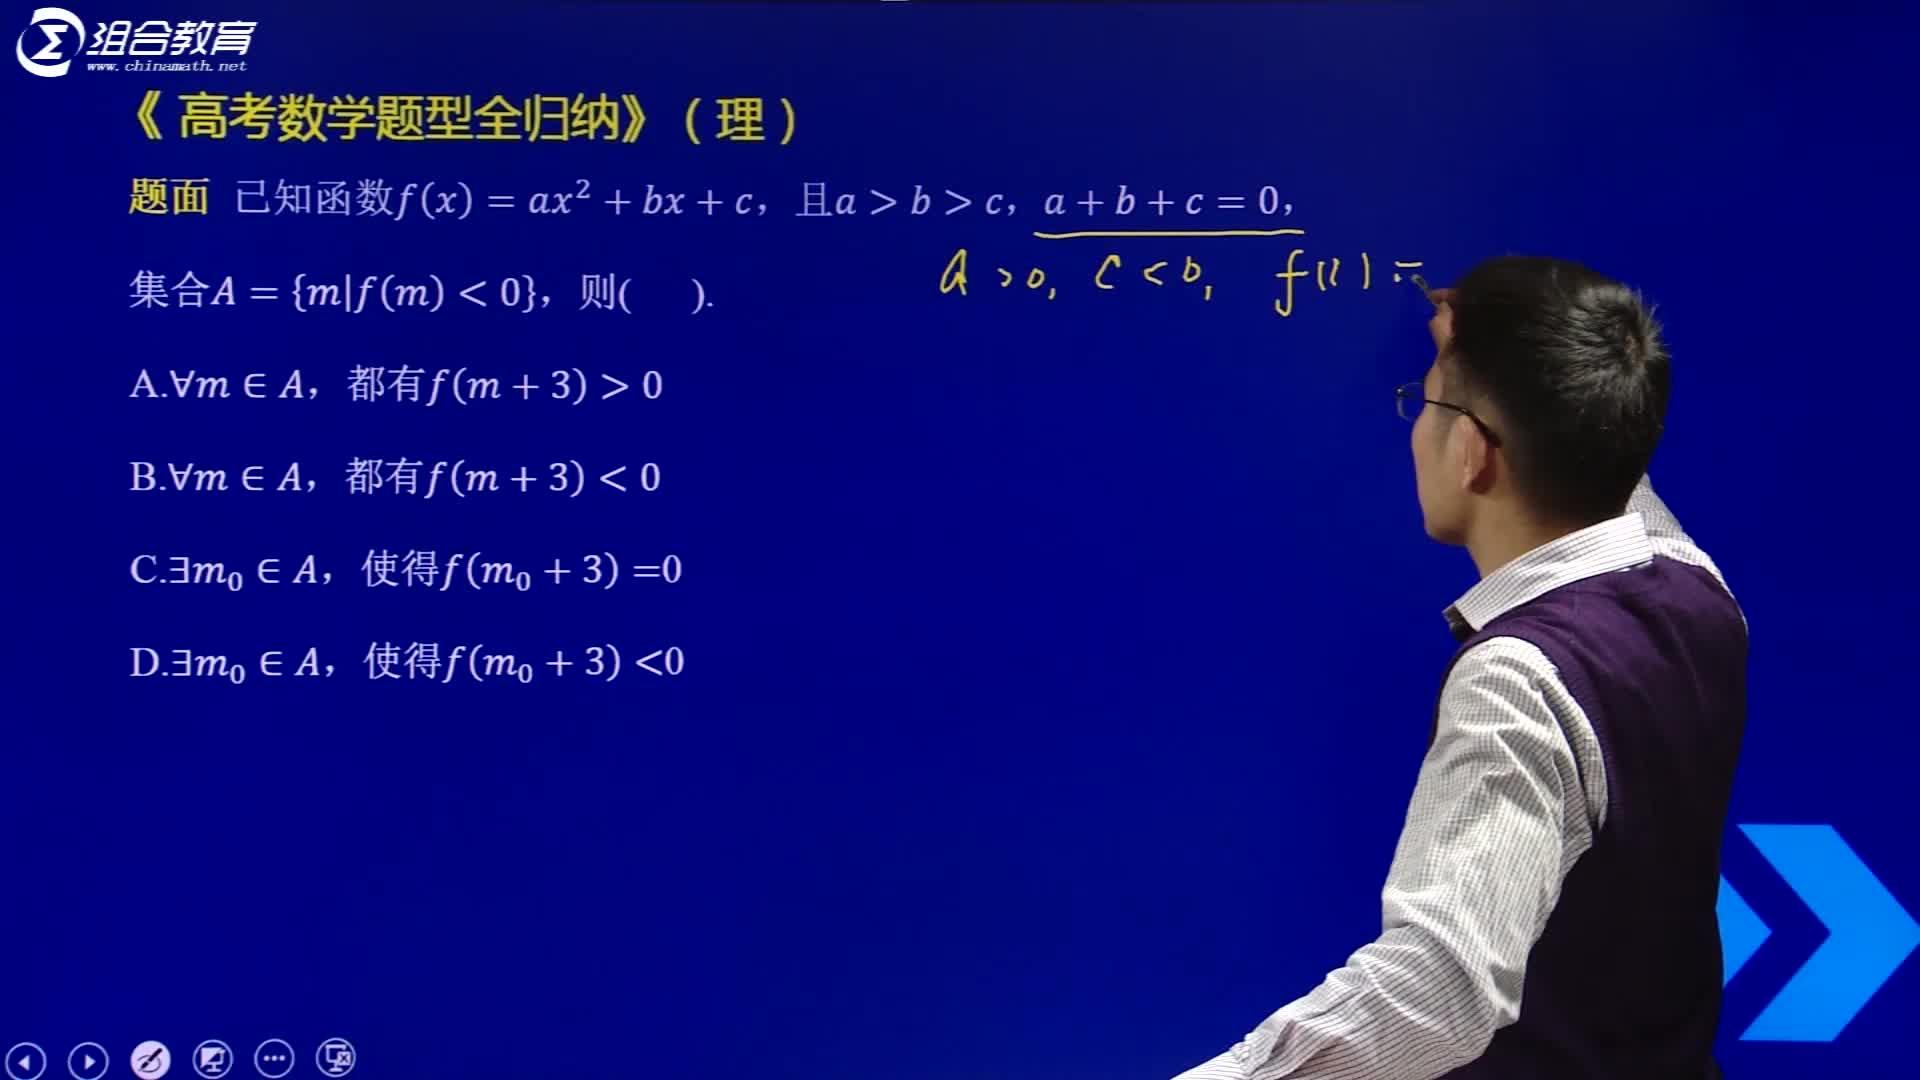 视频2.29 利用二次函数性质研究恒成立问题-【洞穿高考】2020版高考理科数学题型全归纳